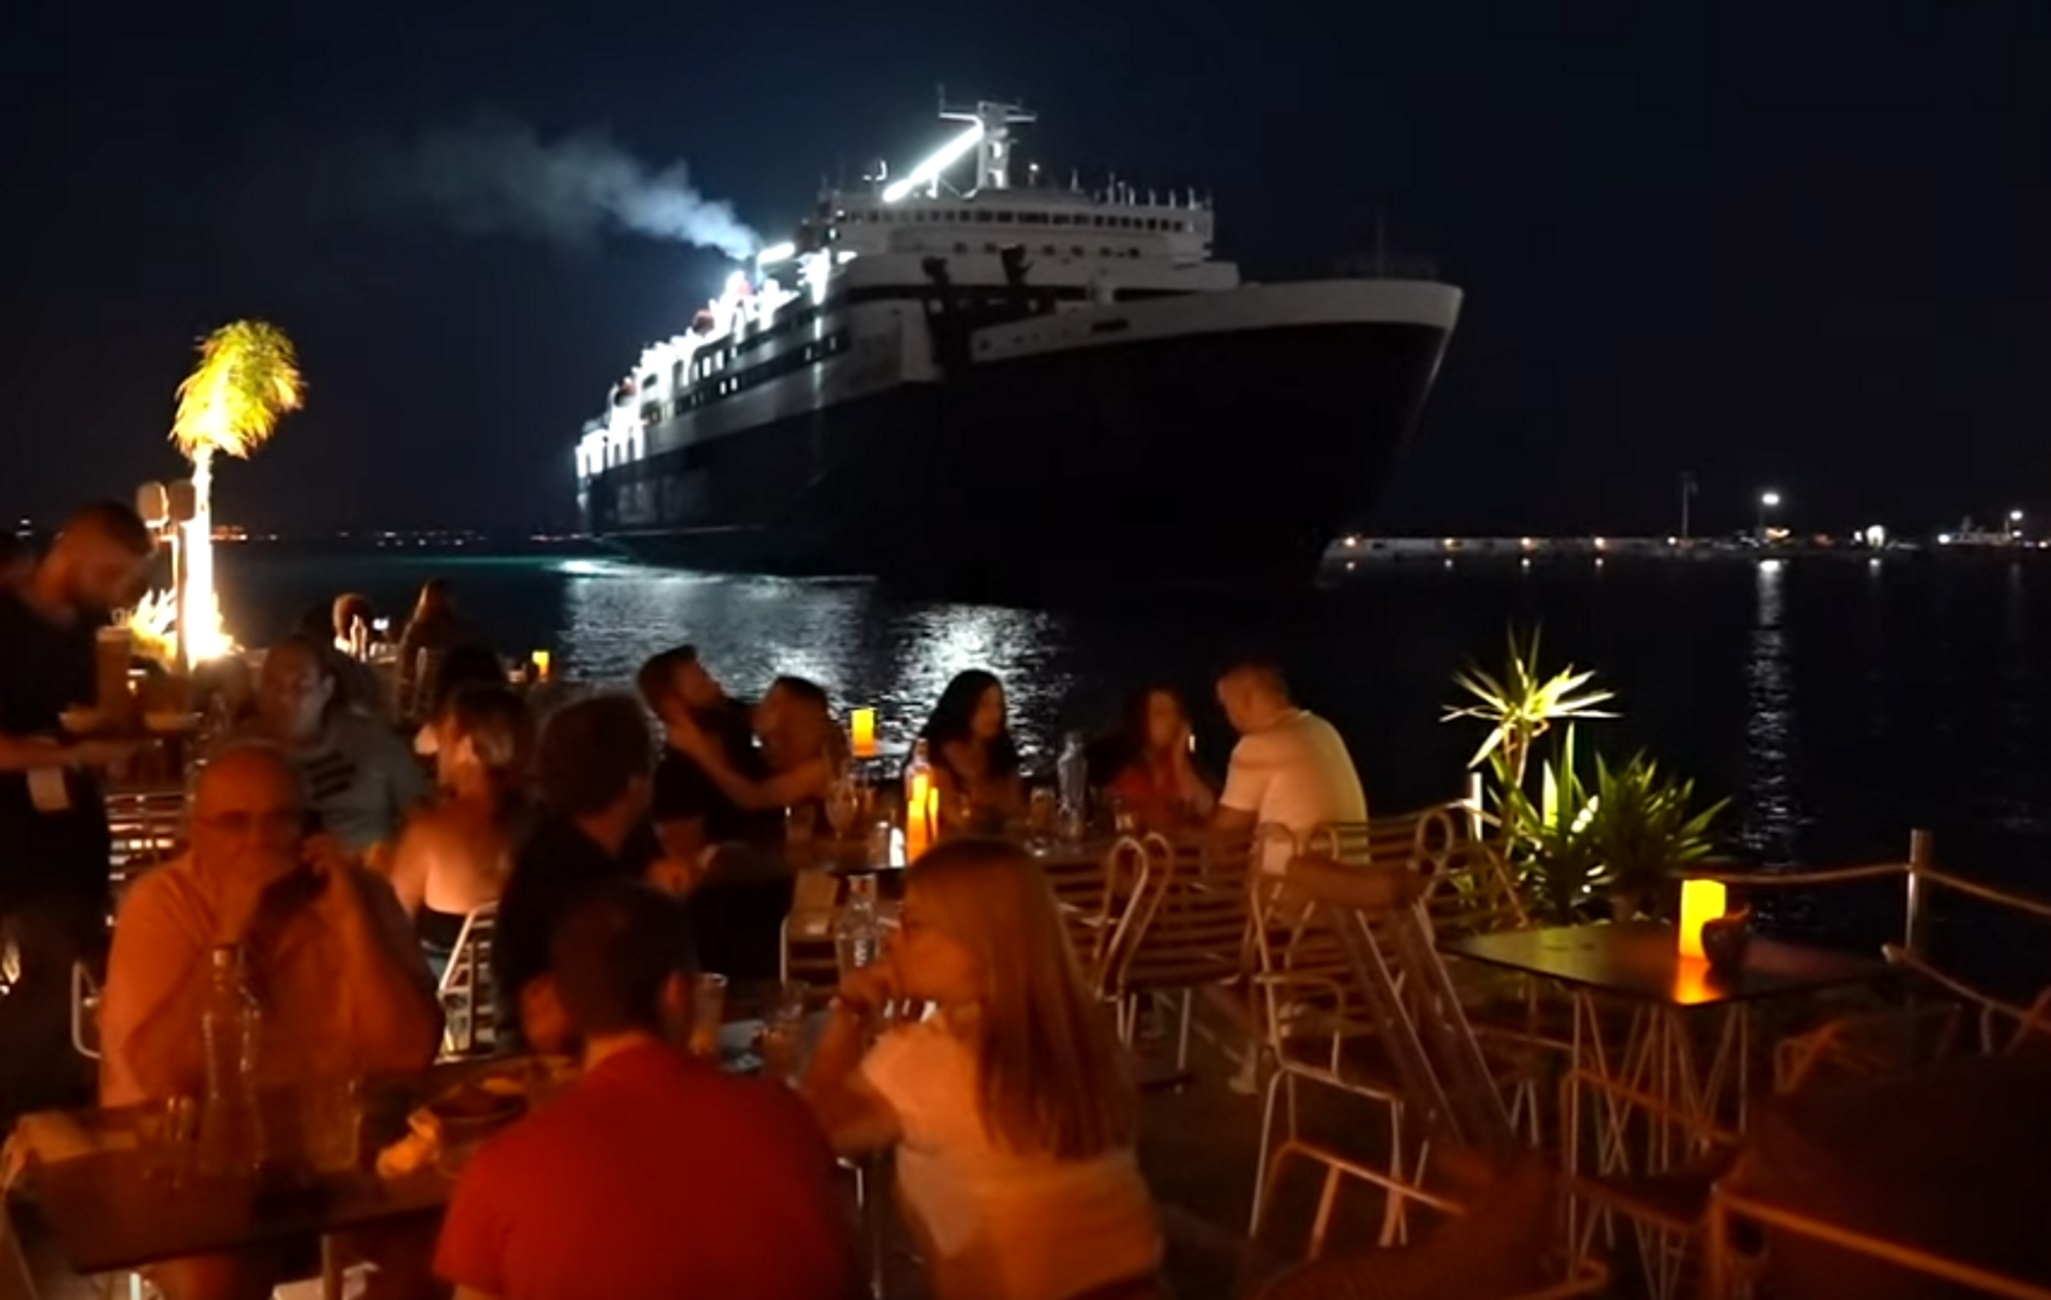 Χίος: Αυτό είναι το μοναδικό μπαρ της Ελλάδας που τα πλοία περνούν δίπλα από τους θαμώνες (video)